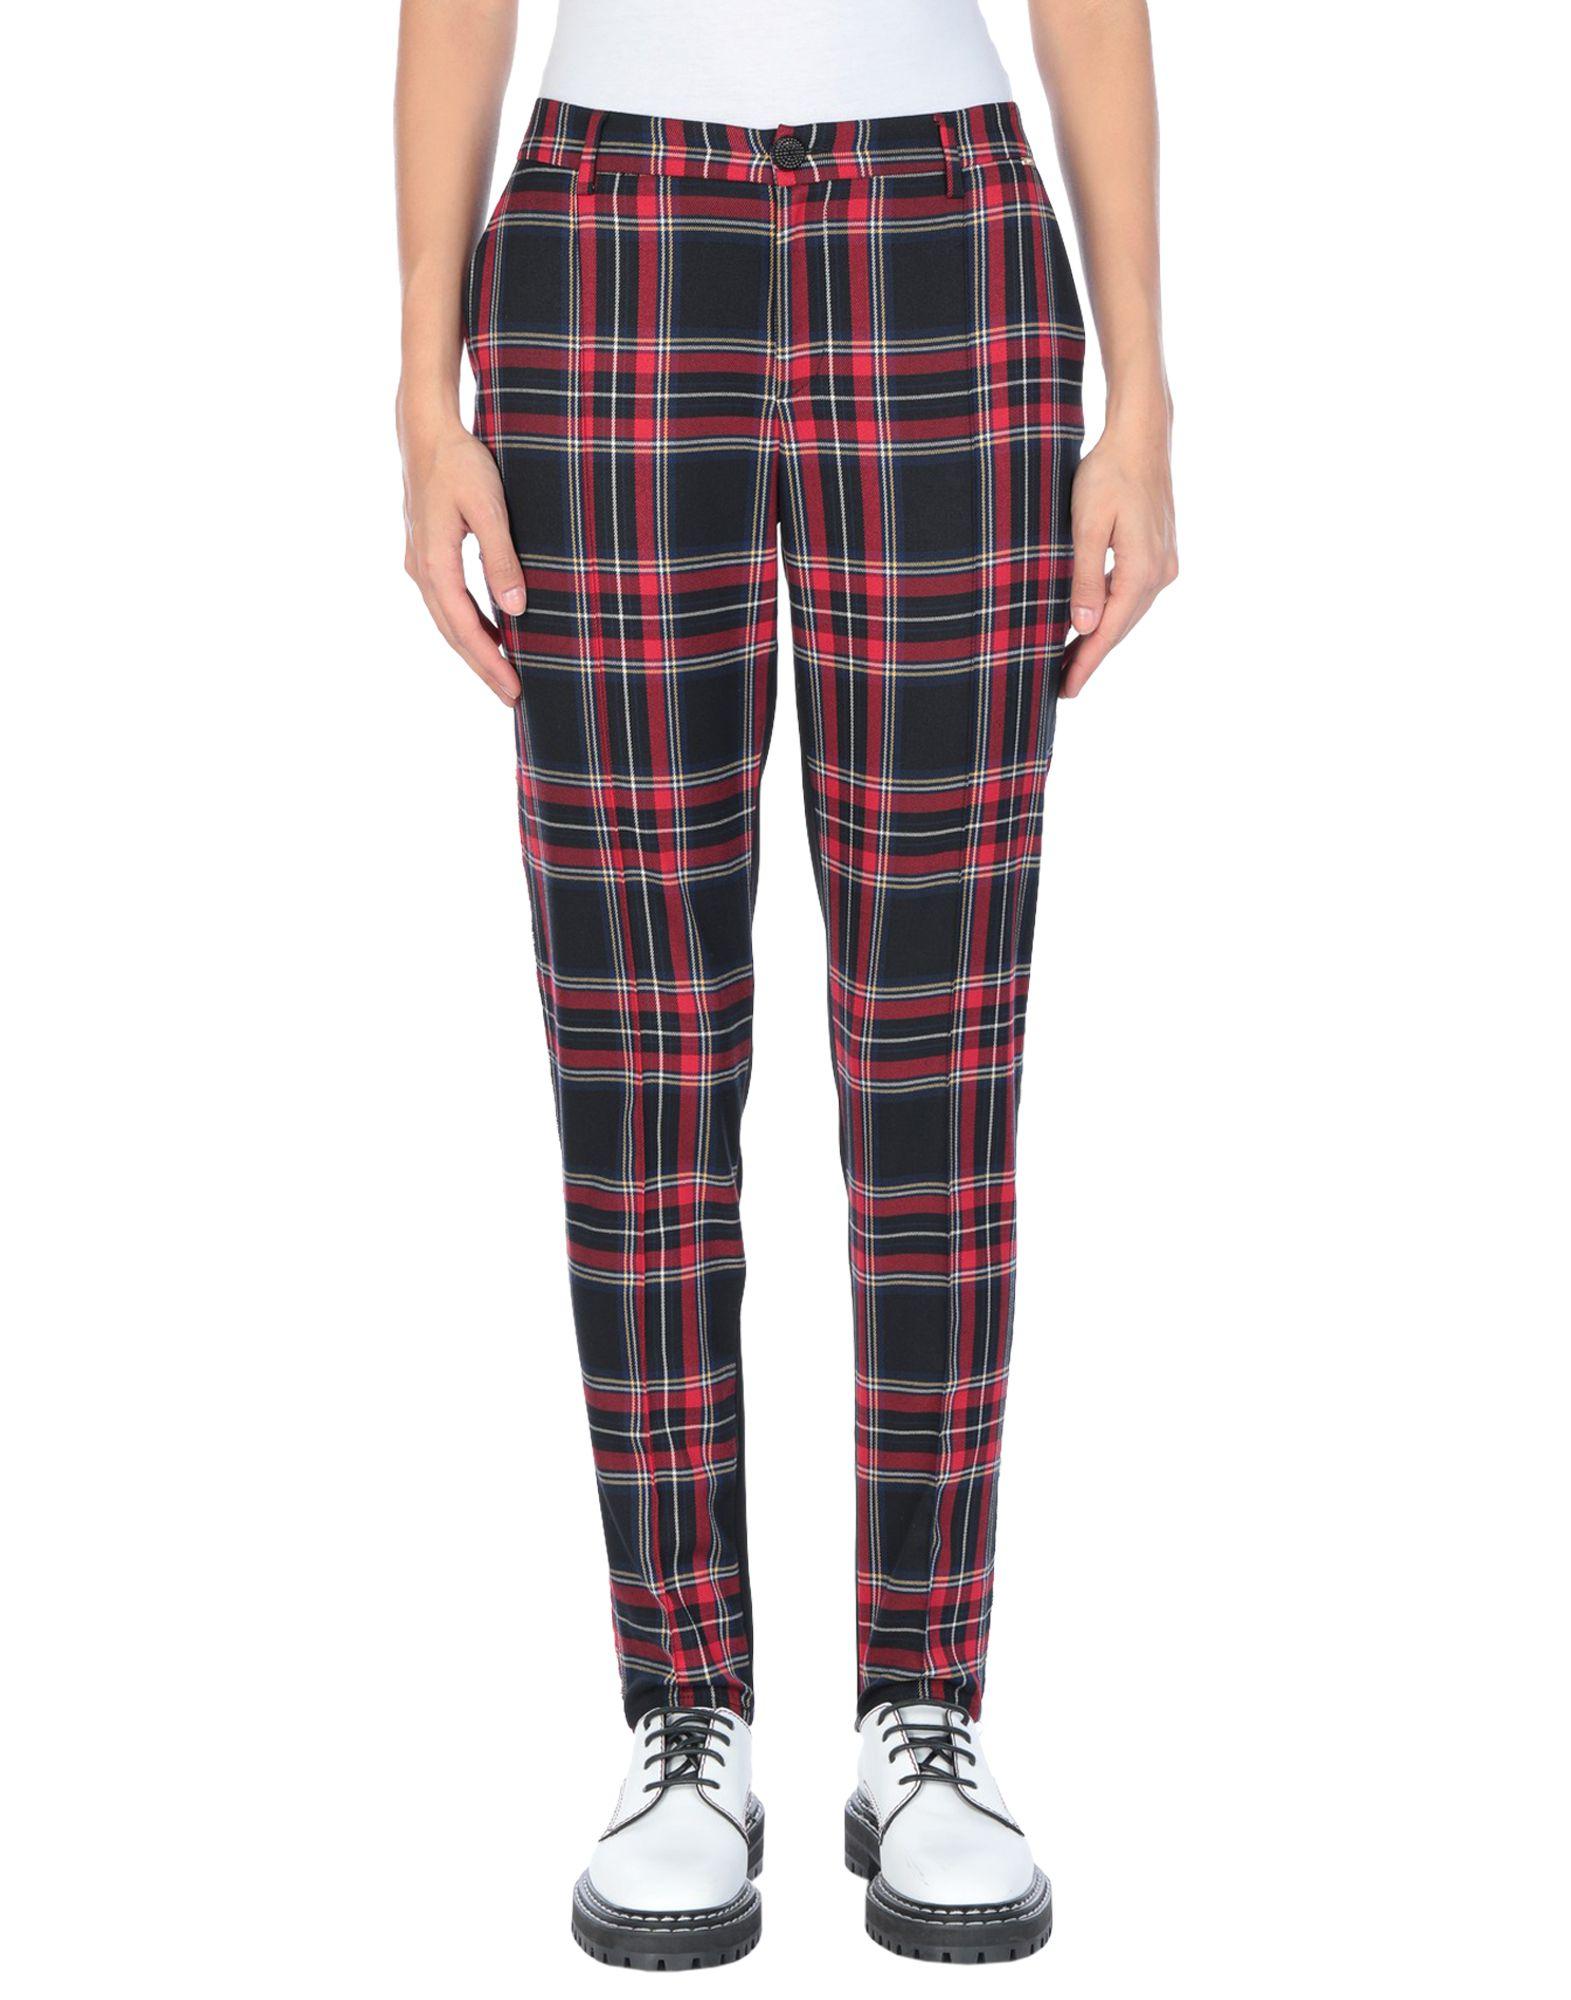 Pantalone Pantalone Pantalone Liu •Jo donna - 13365405FW e04